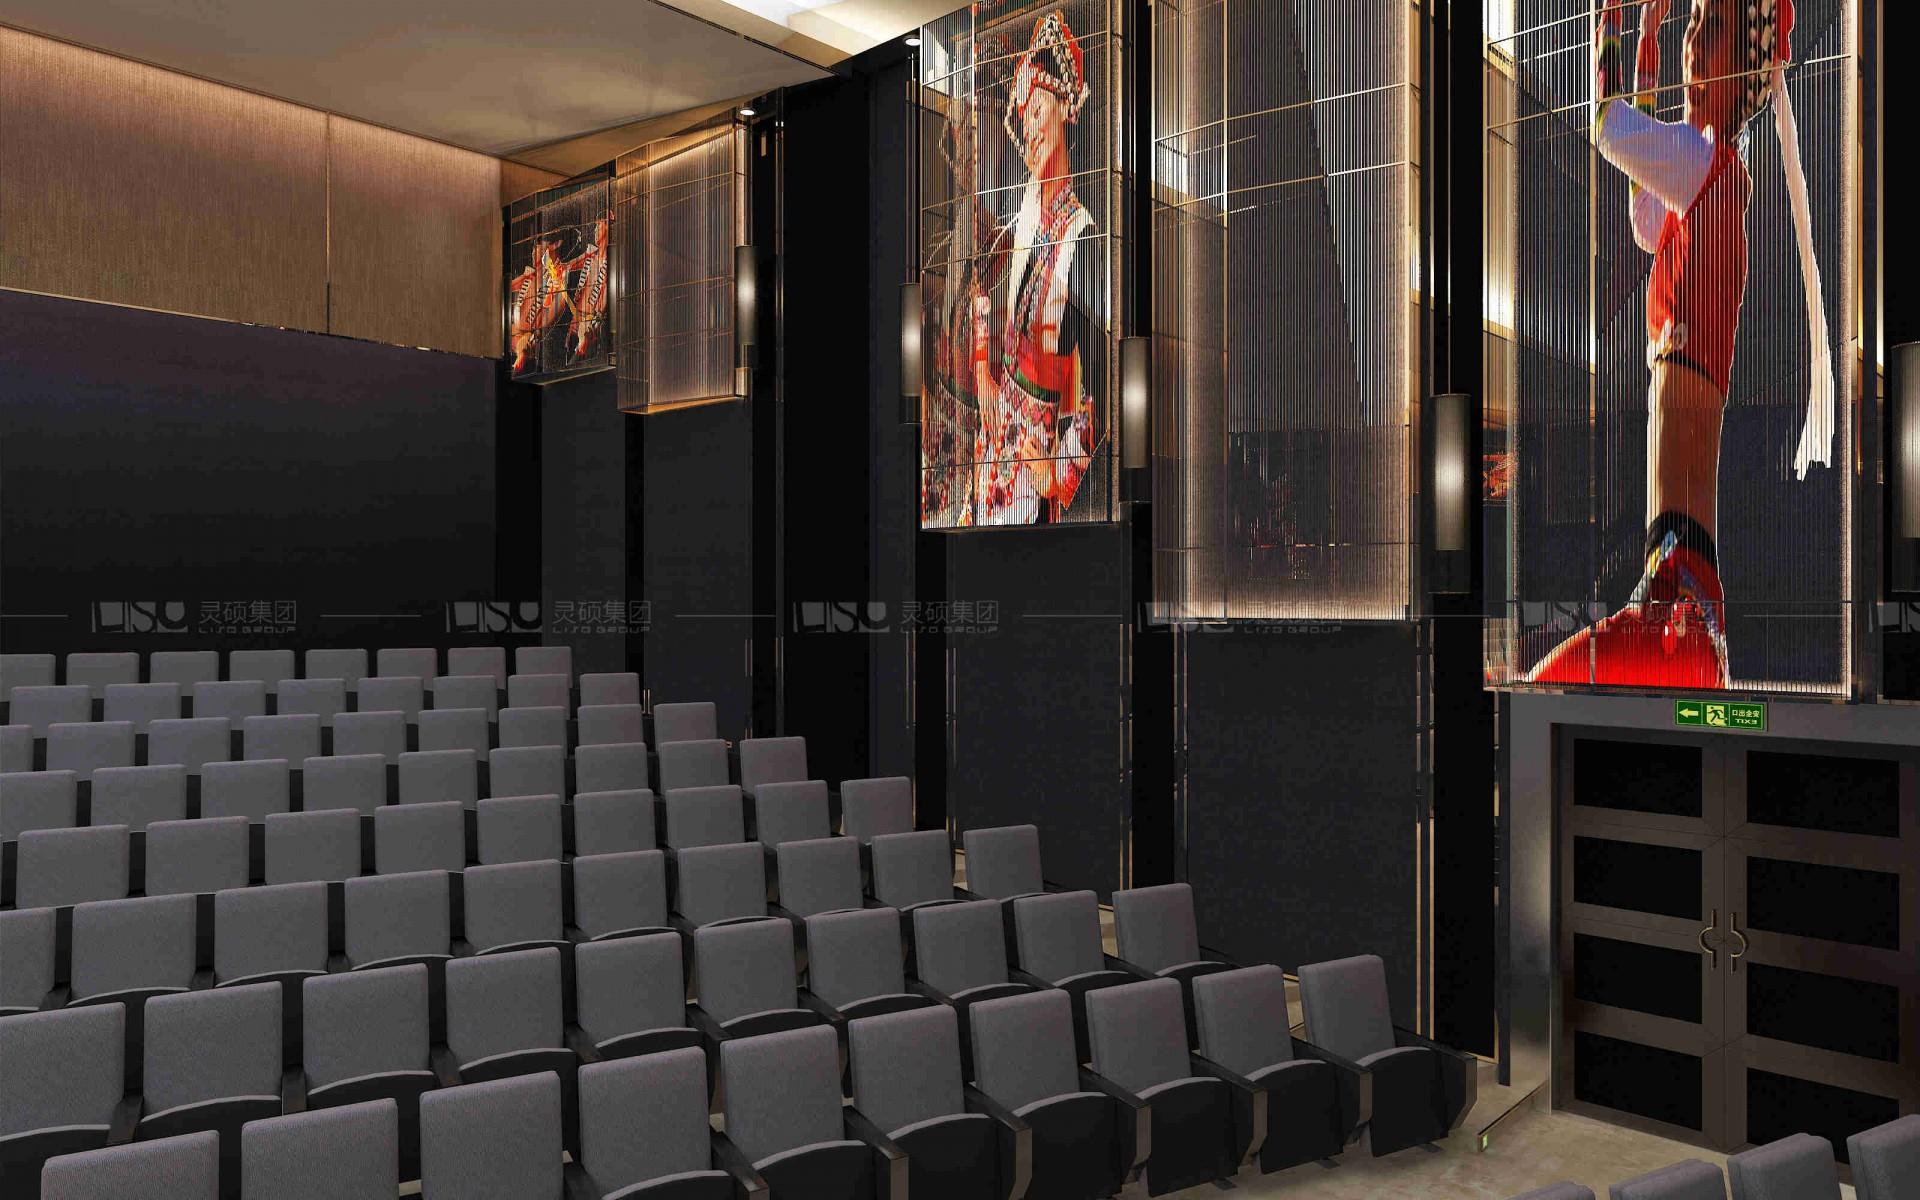 弥勒市文化体验馆设计案例